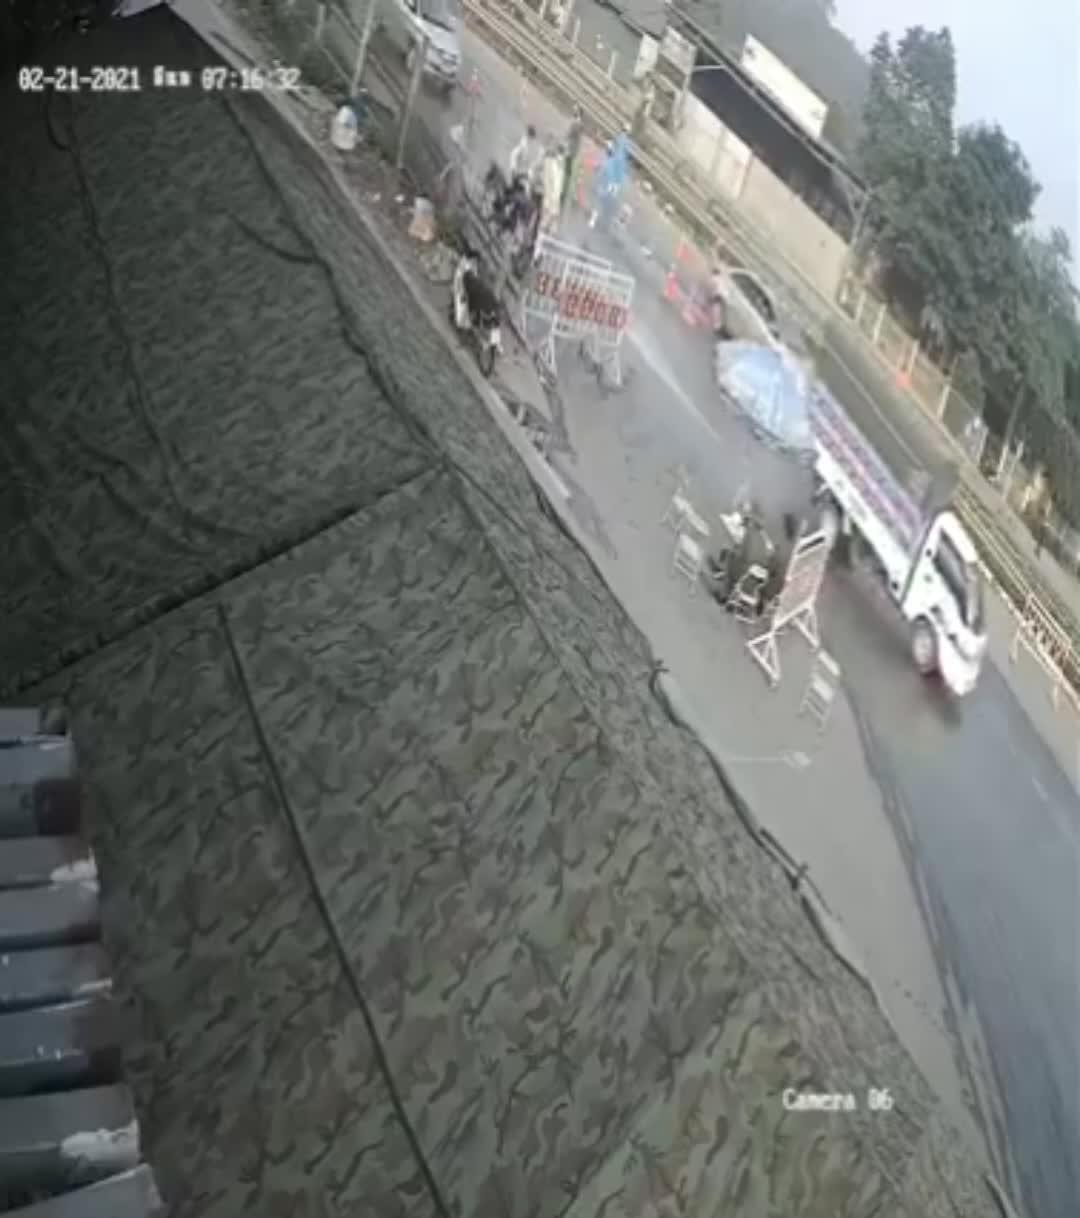 Bị CSGT dừng kiểm tra, người đàn ông bất ngờ nhảy lên xe bỏ chạy, húc đổ lán của chốt kiểm dịch